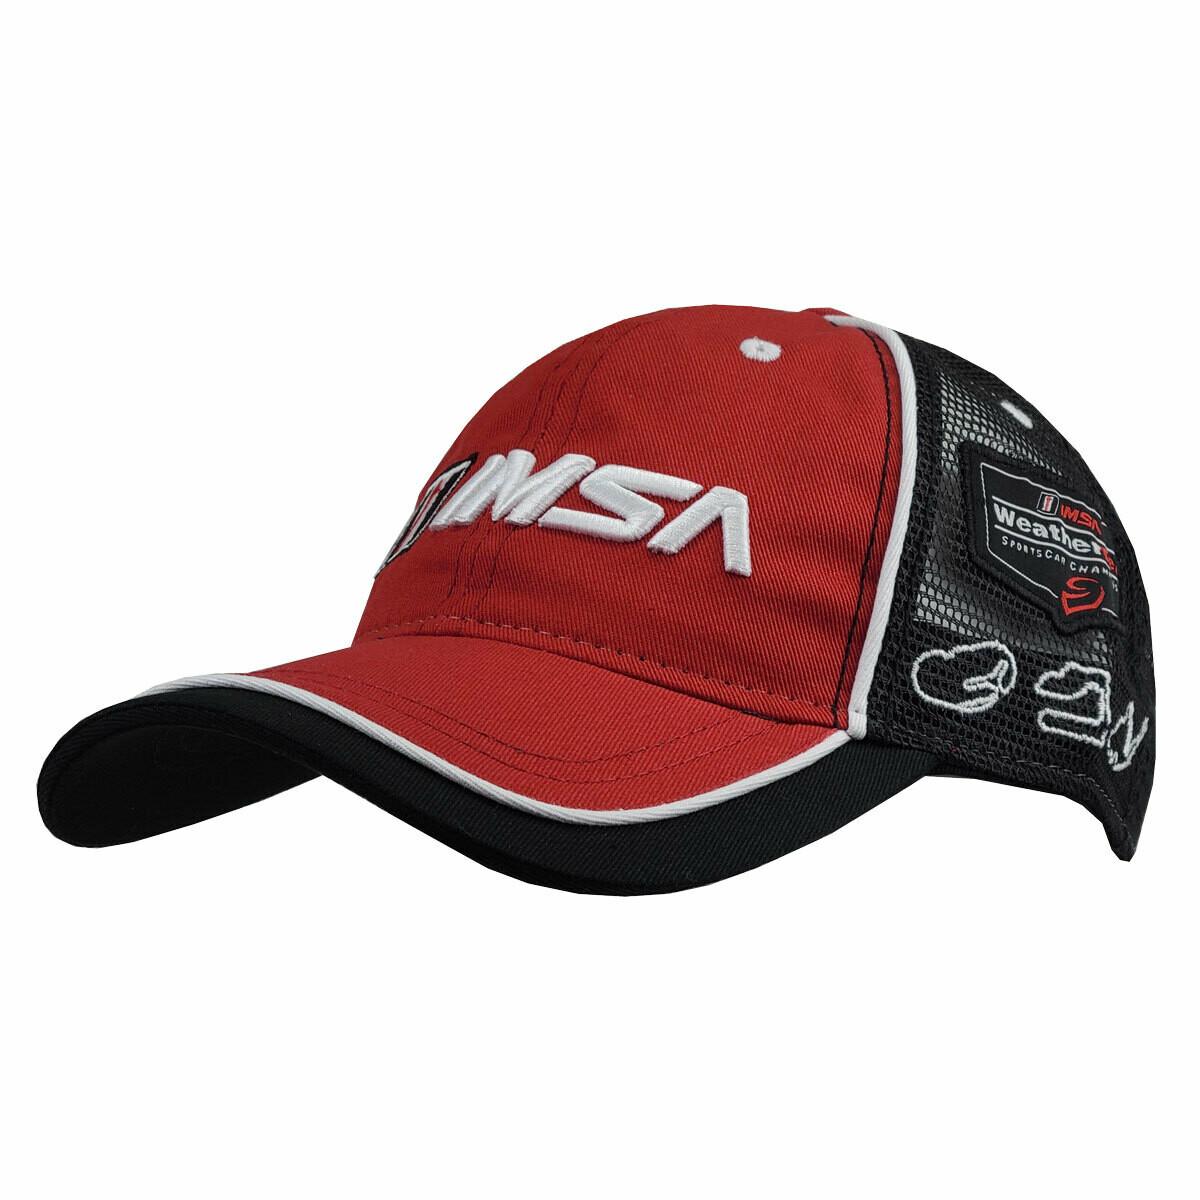 IMSA Track Outlines Hat - Red/Black/White